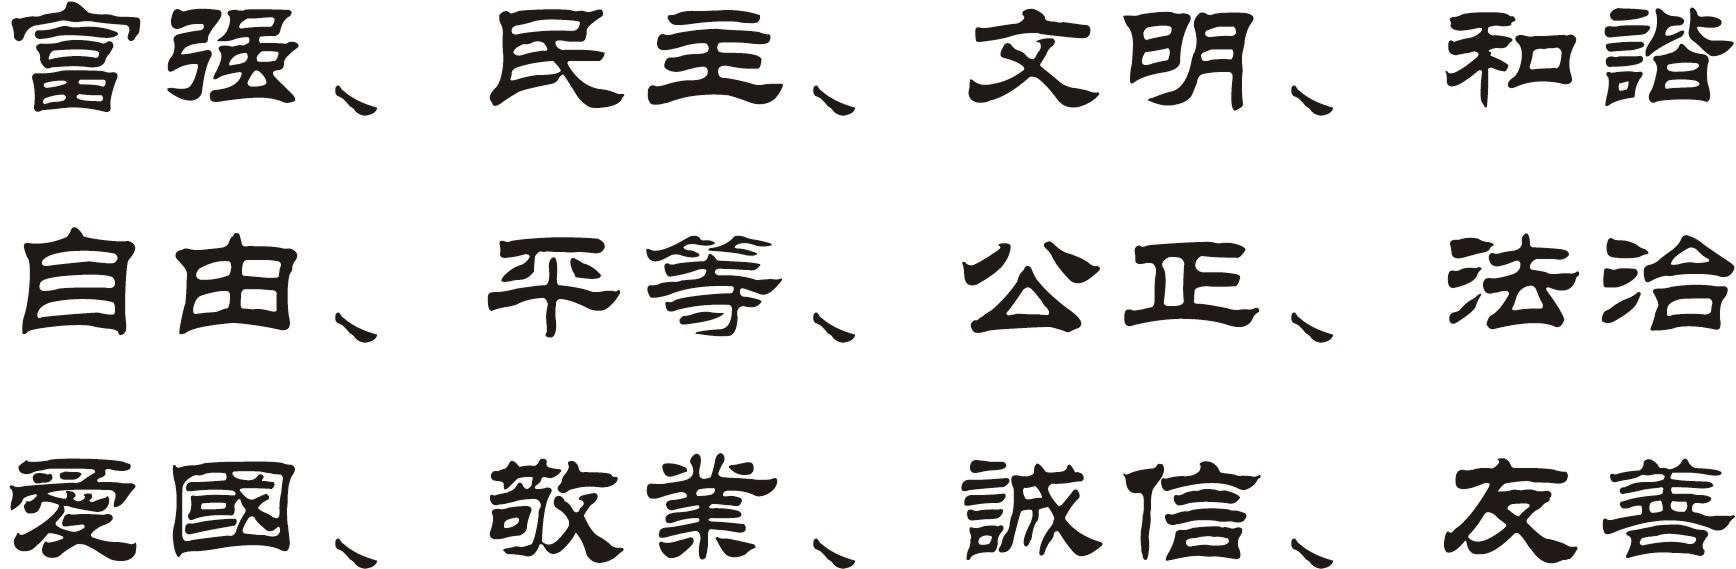 有关社会主义核心价值观的,书法展写什么字好?4-6字的图片